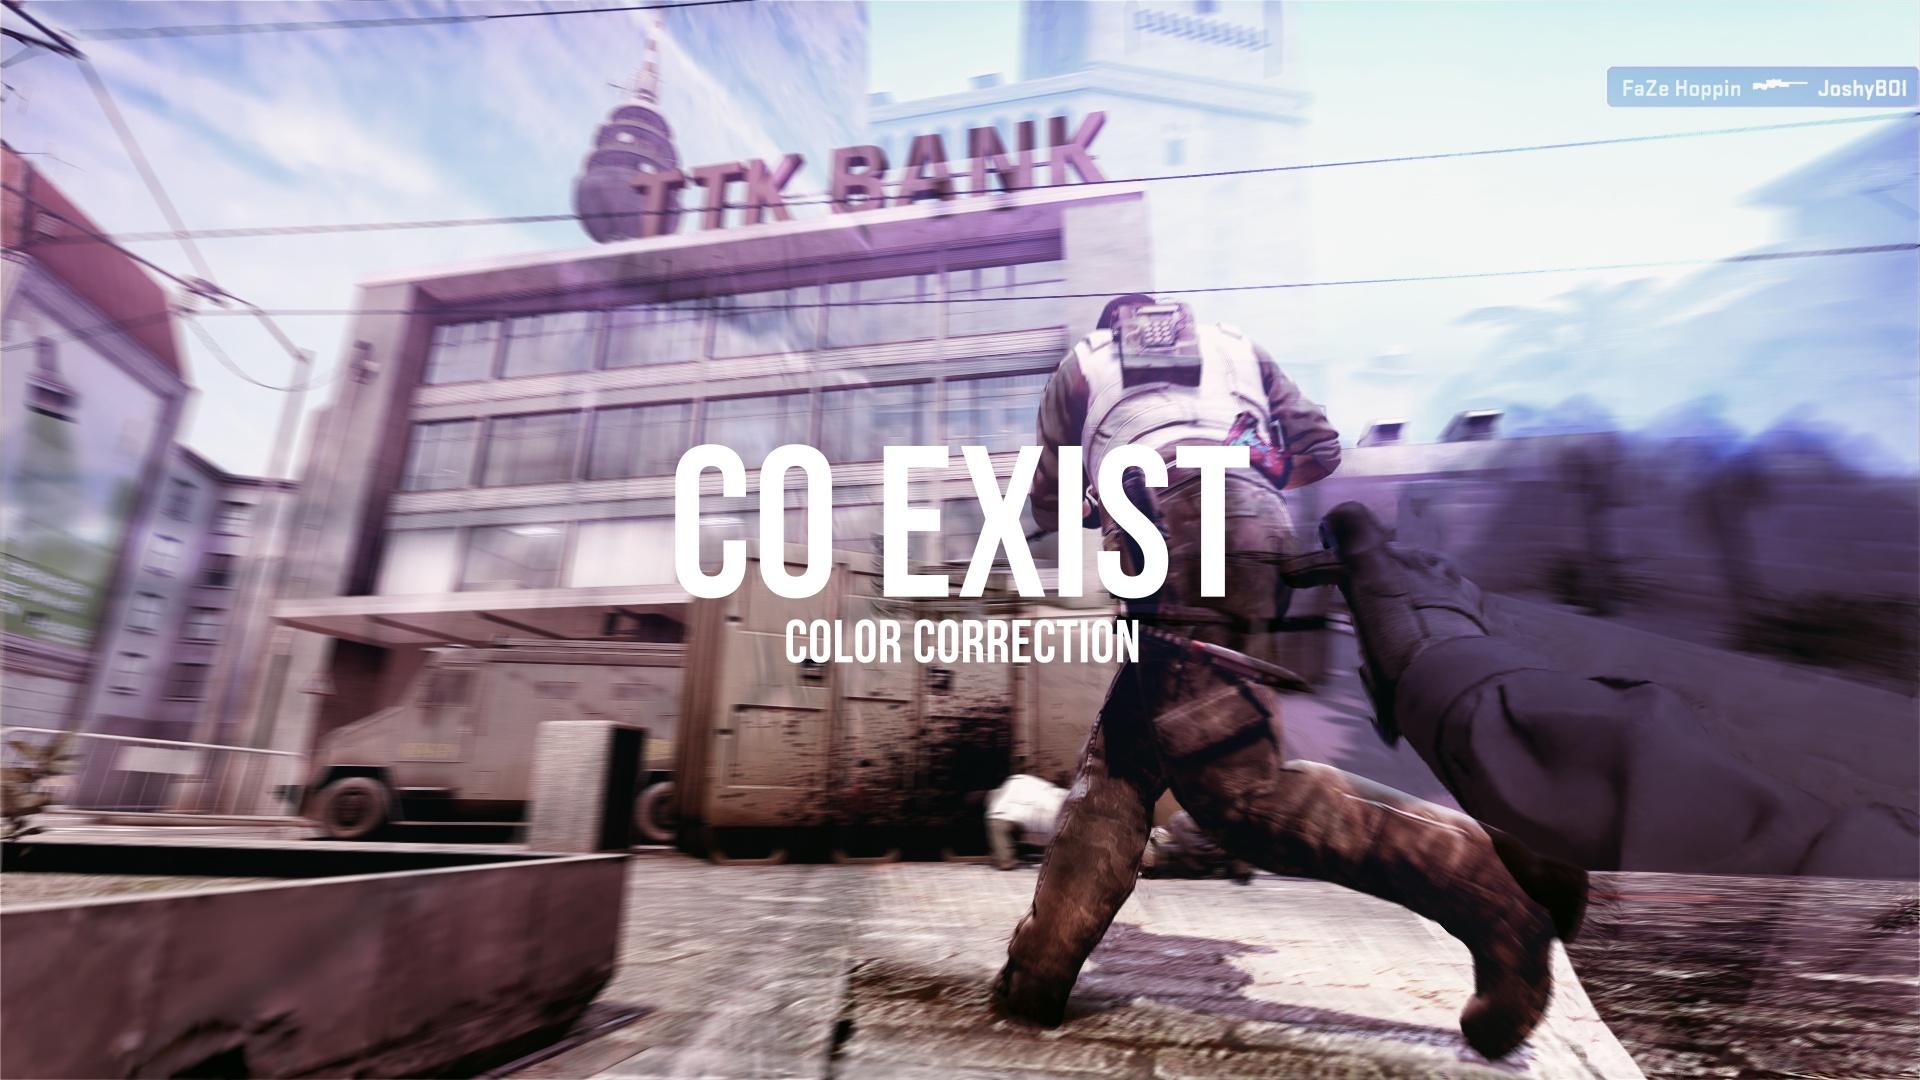 'COEXIST' CC